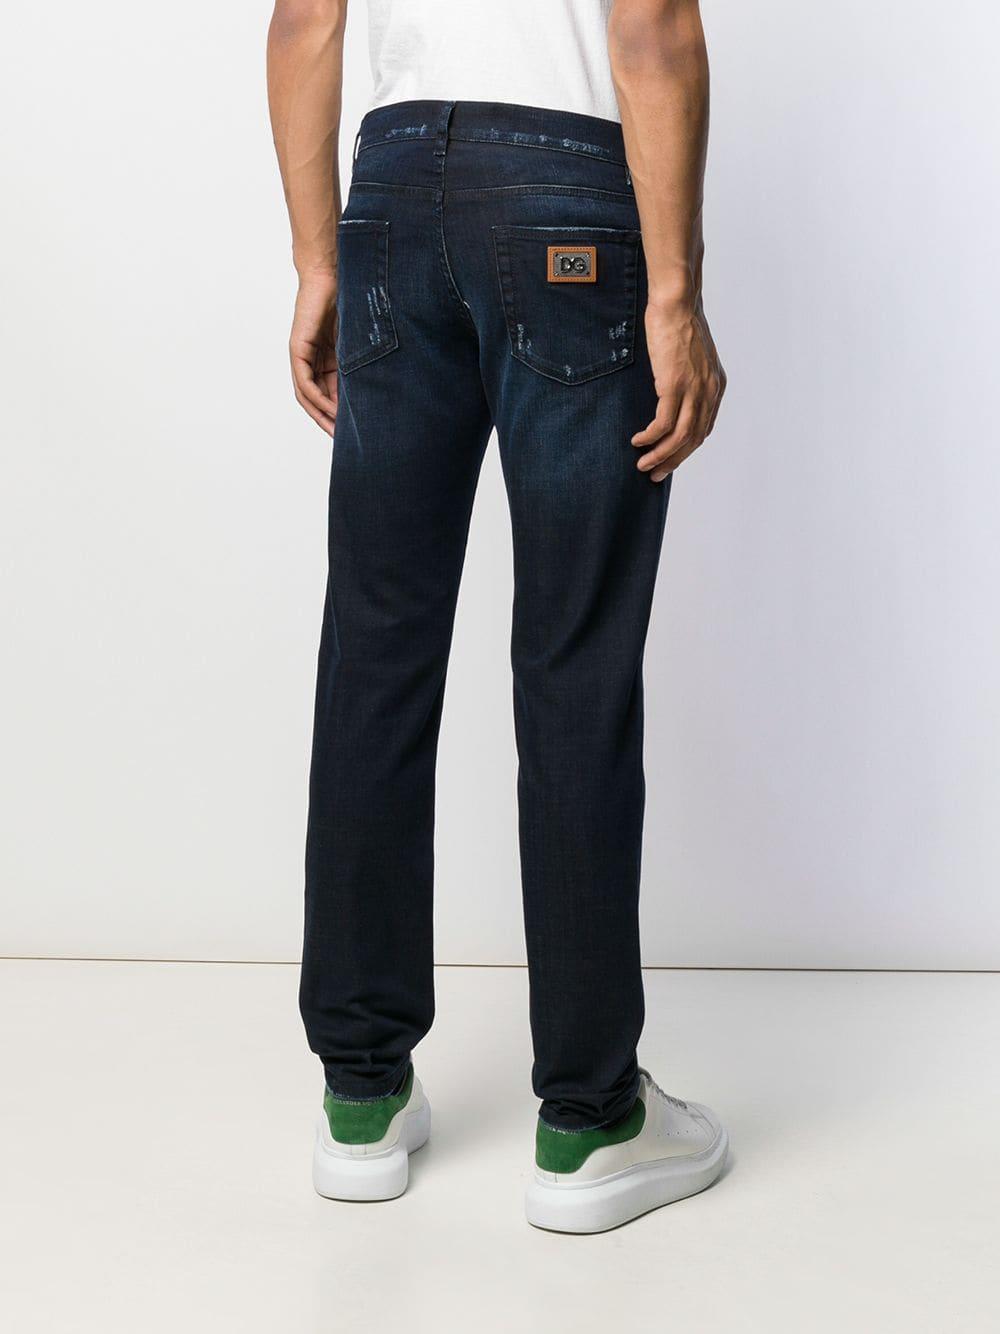 Dolce & Gabbana Denim Gerafelde Jeans in het Blauw voor heren